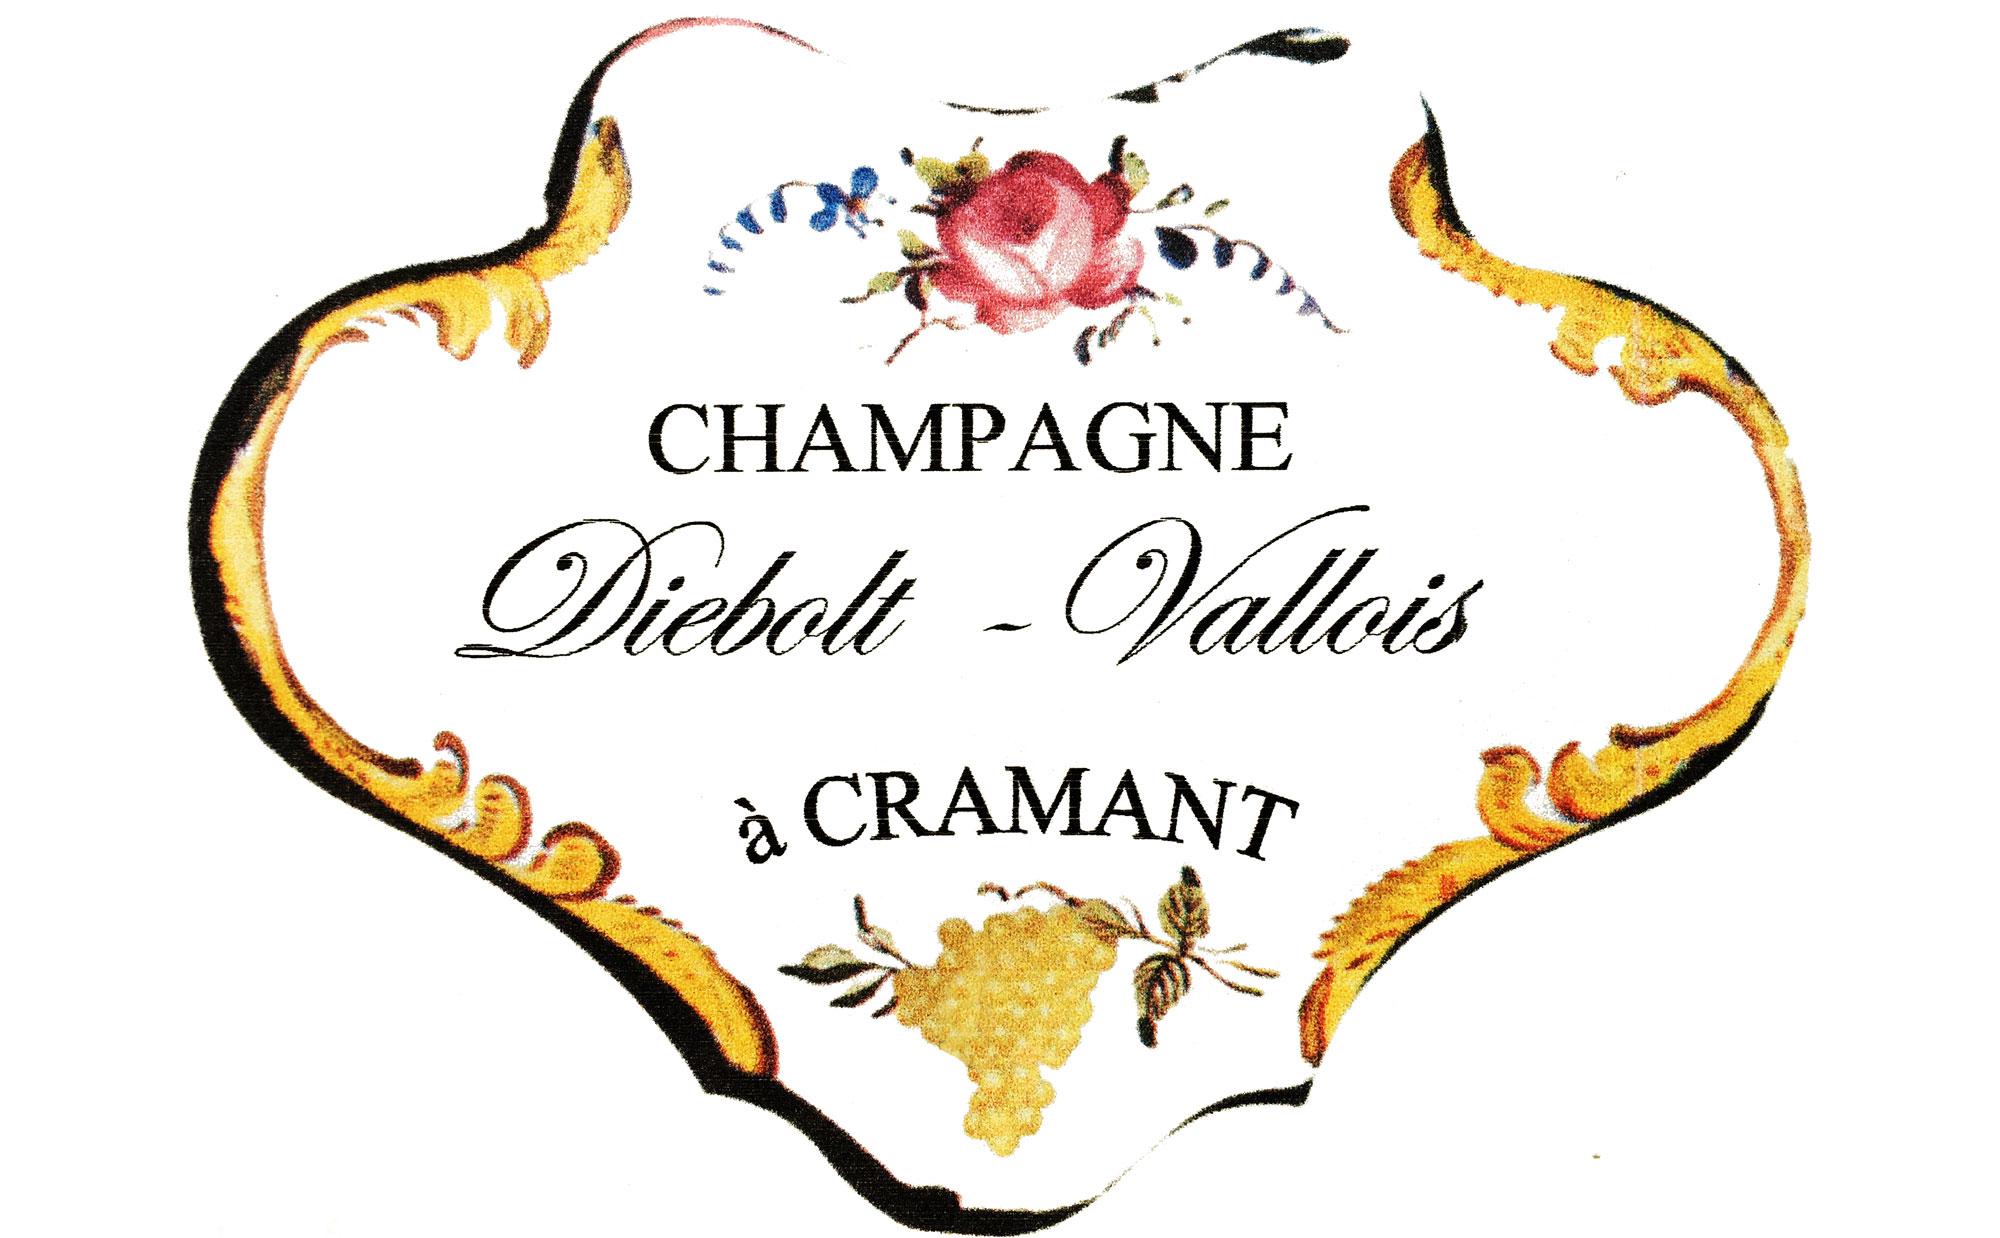 Champagne Diebolt Vallois